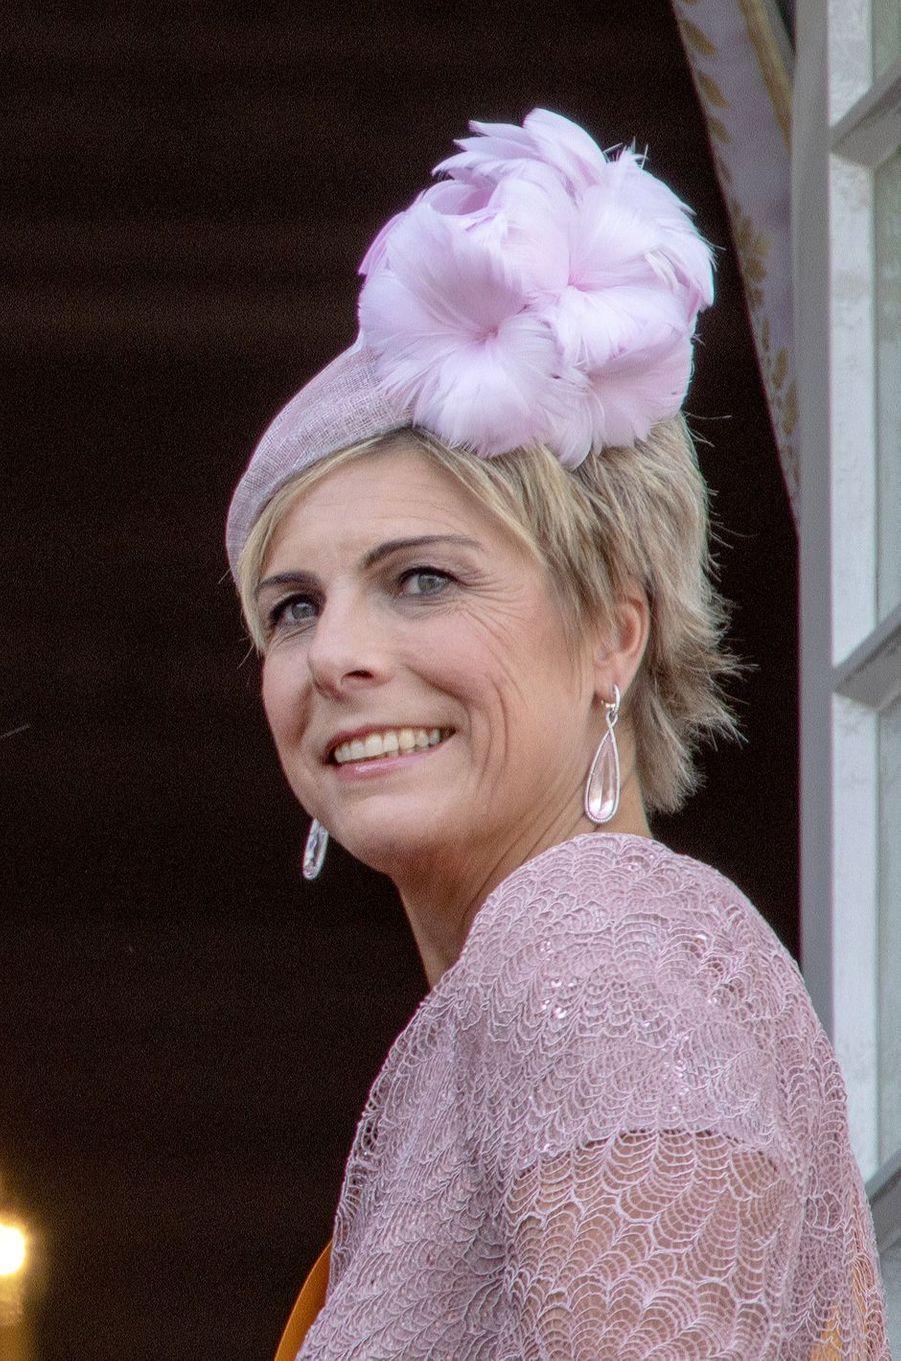 La princesse Laurentien des Pays-Bas à La Haye, le 17 septembre 2019